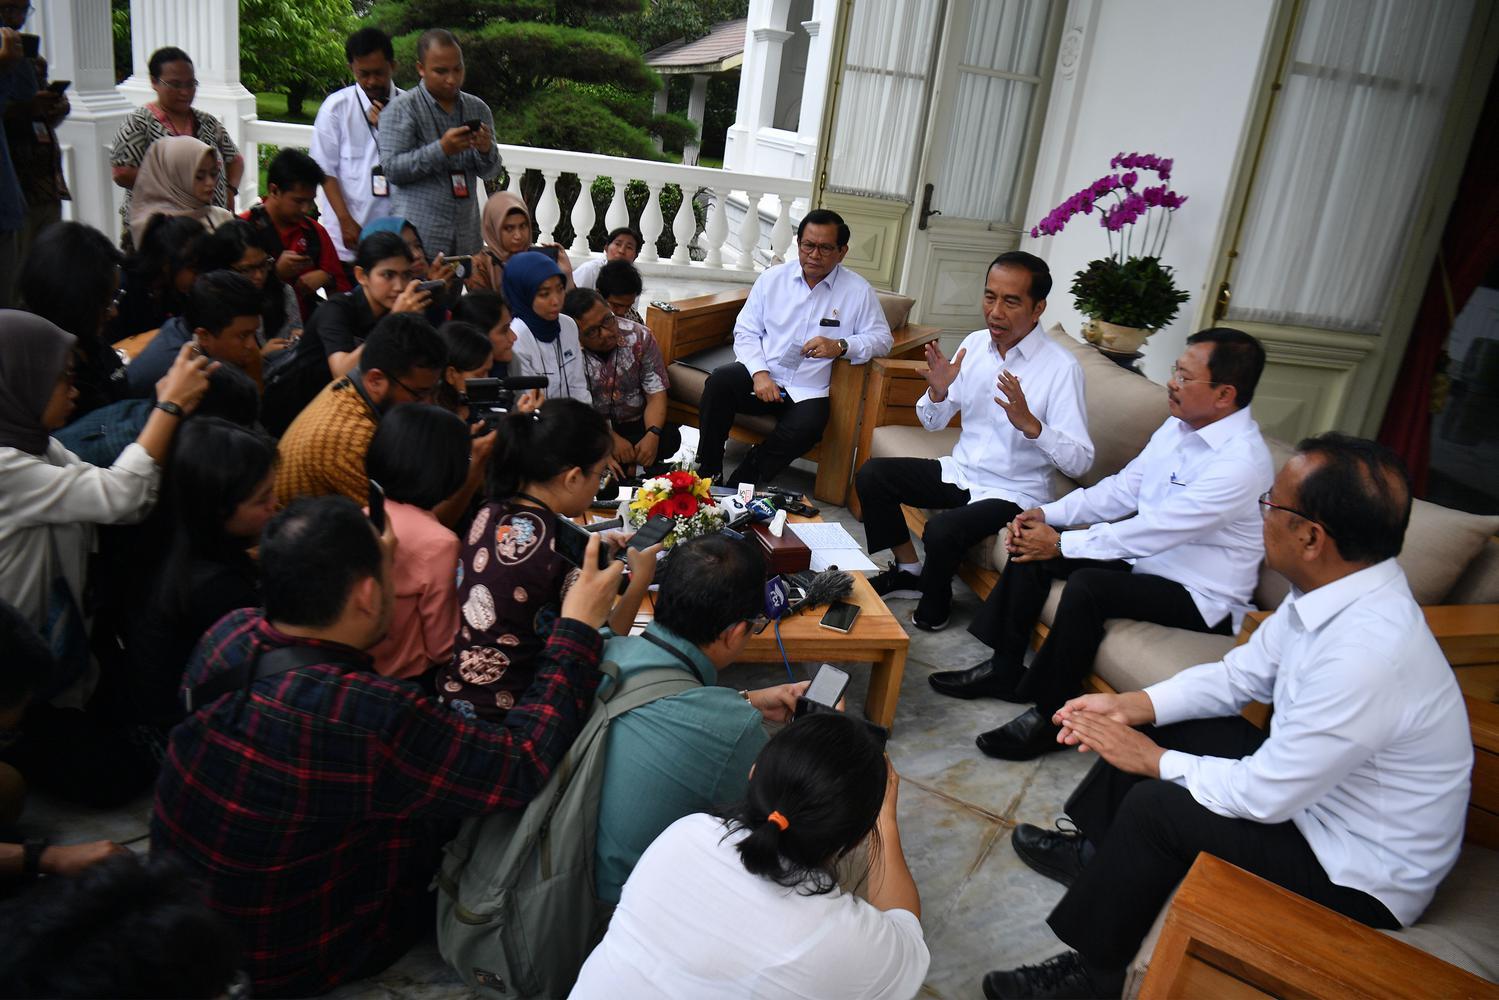 Presiden Joko Widodo (ketiga kanan) didampingi Menteri Kesehatan Terawan Agus Putranto (kedua kanan), Menseskab Pramono Anung (keempat kanan) dan Mensesneg Pratikno (kanan) menyampaikan konferensi pers terkait virus corona di Istana Merdeka, Jakarta, Senin (2/3/2020). Presiden menyatakan 2 orang WNI yaitu seorang ibu dan anak di Indonesia telah positif terkena corona setelah berinteraksi dengan Warga Negara Jepang yang berkunjung ke Indonesia.